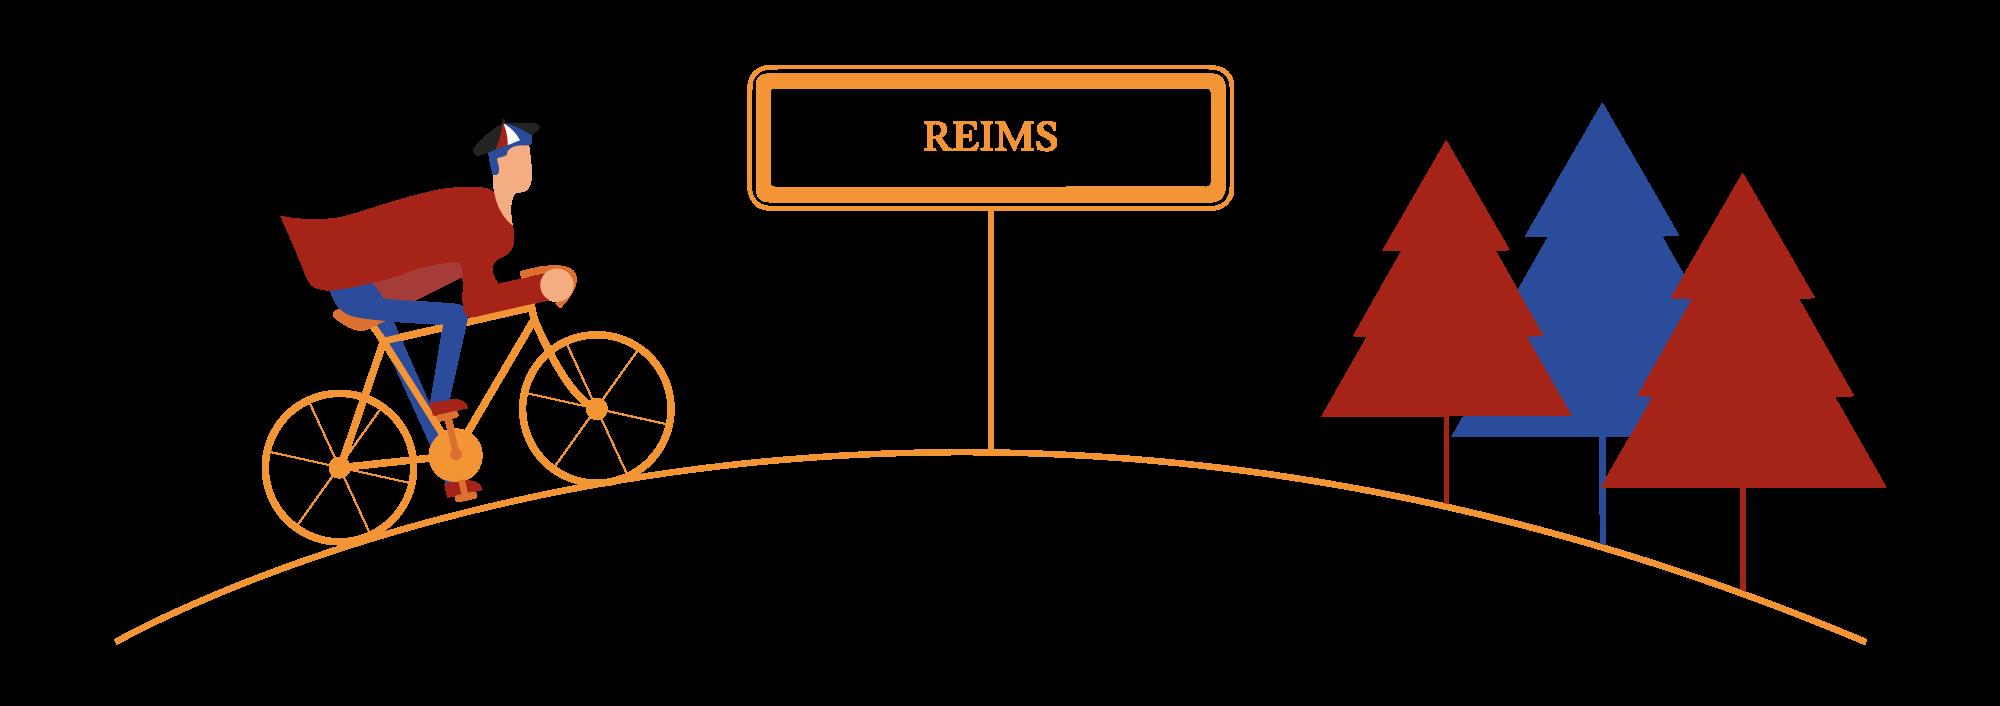 Spécialités de Reims